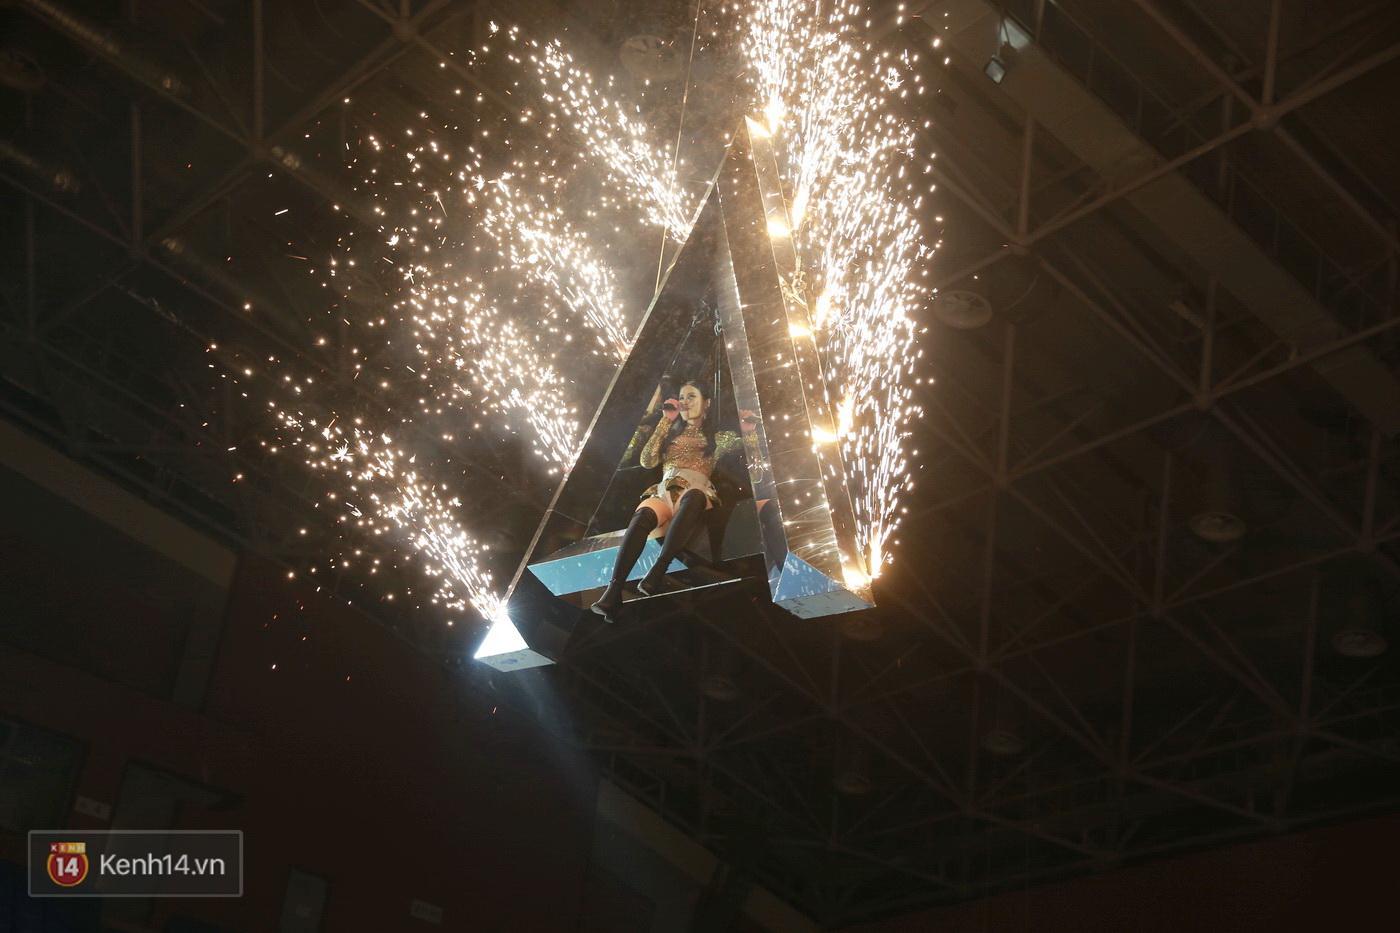 Hết gây bất ngờ khi xuất hiện từ trên cao, Đông Nhi lại tắm mưa trước 8.000 khán giả trên sân khấu - Ảnh 8.